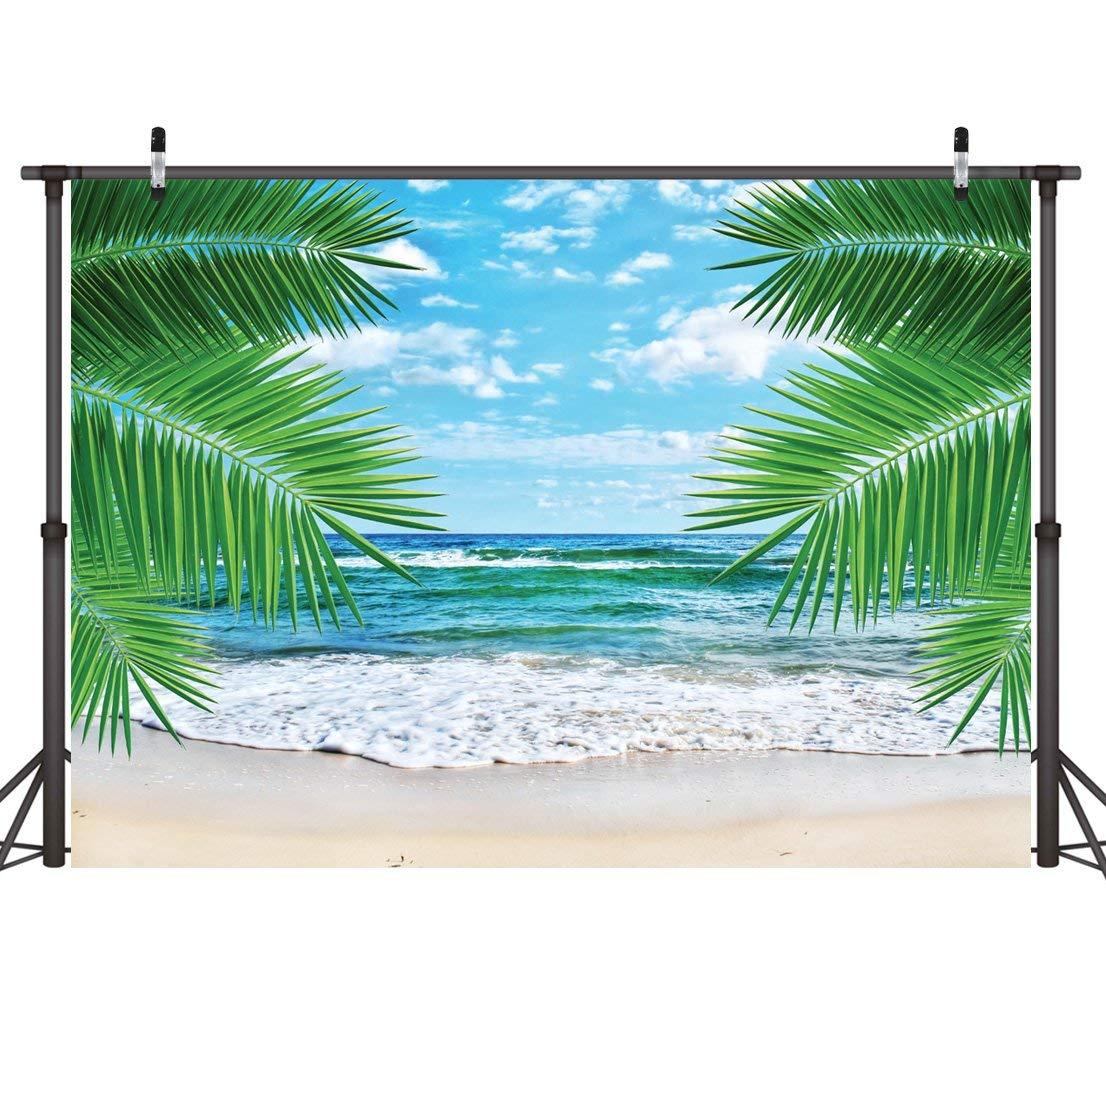 LYWYGG Playa Tropical Vinilo Banner Perfecto Telón De Fondo Para Fotografías 7X5ft Foto Telones De Fondo, Banners, Pared Cubierta, Cortina, Mantel, Decoracion CP-7